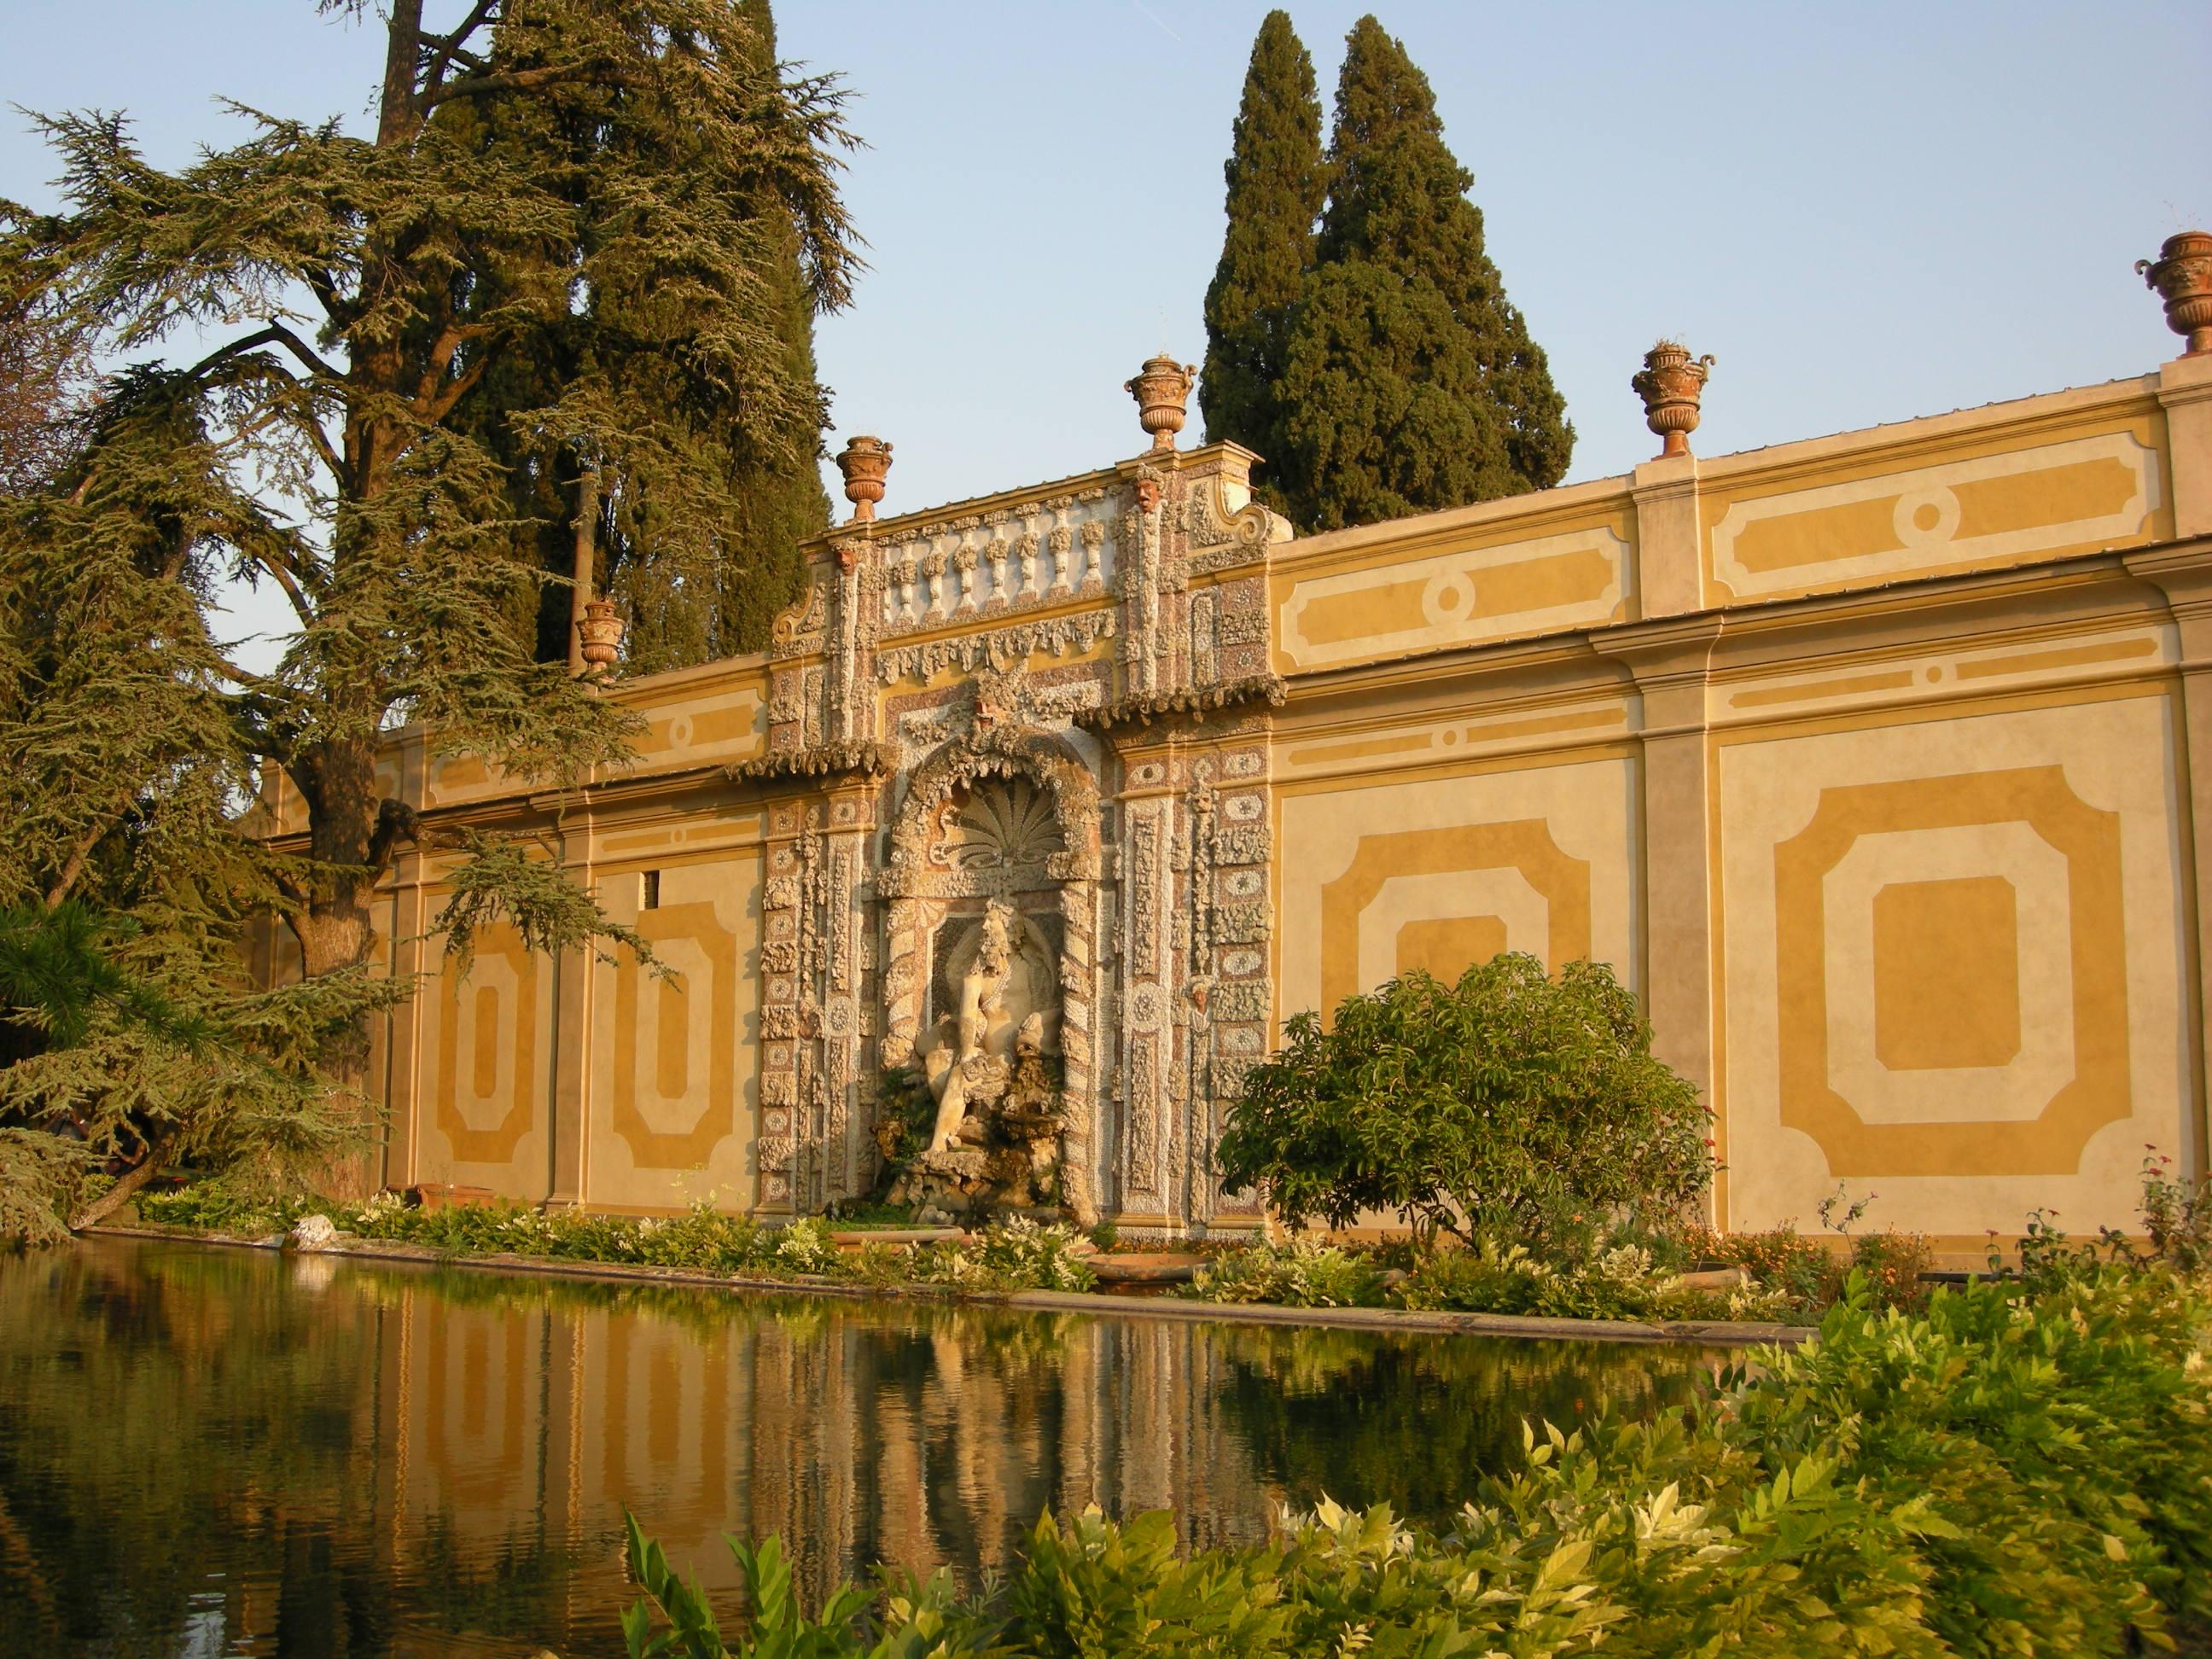 Villa_antinori_di_cigliano,_giardino,_vasca_e_fontana_02